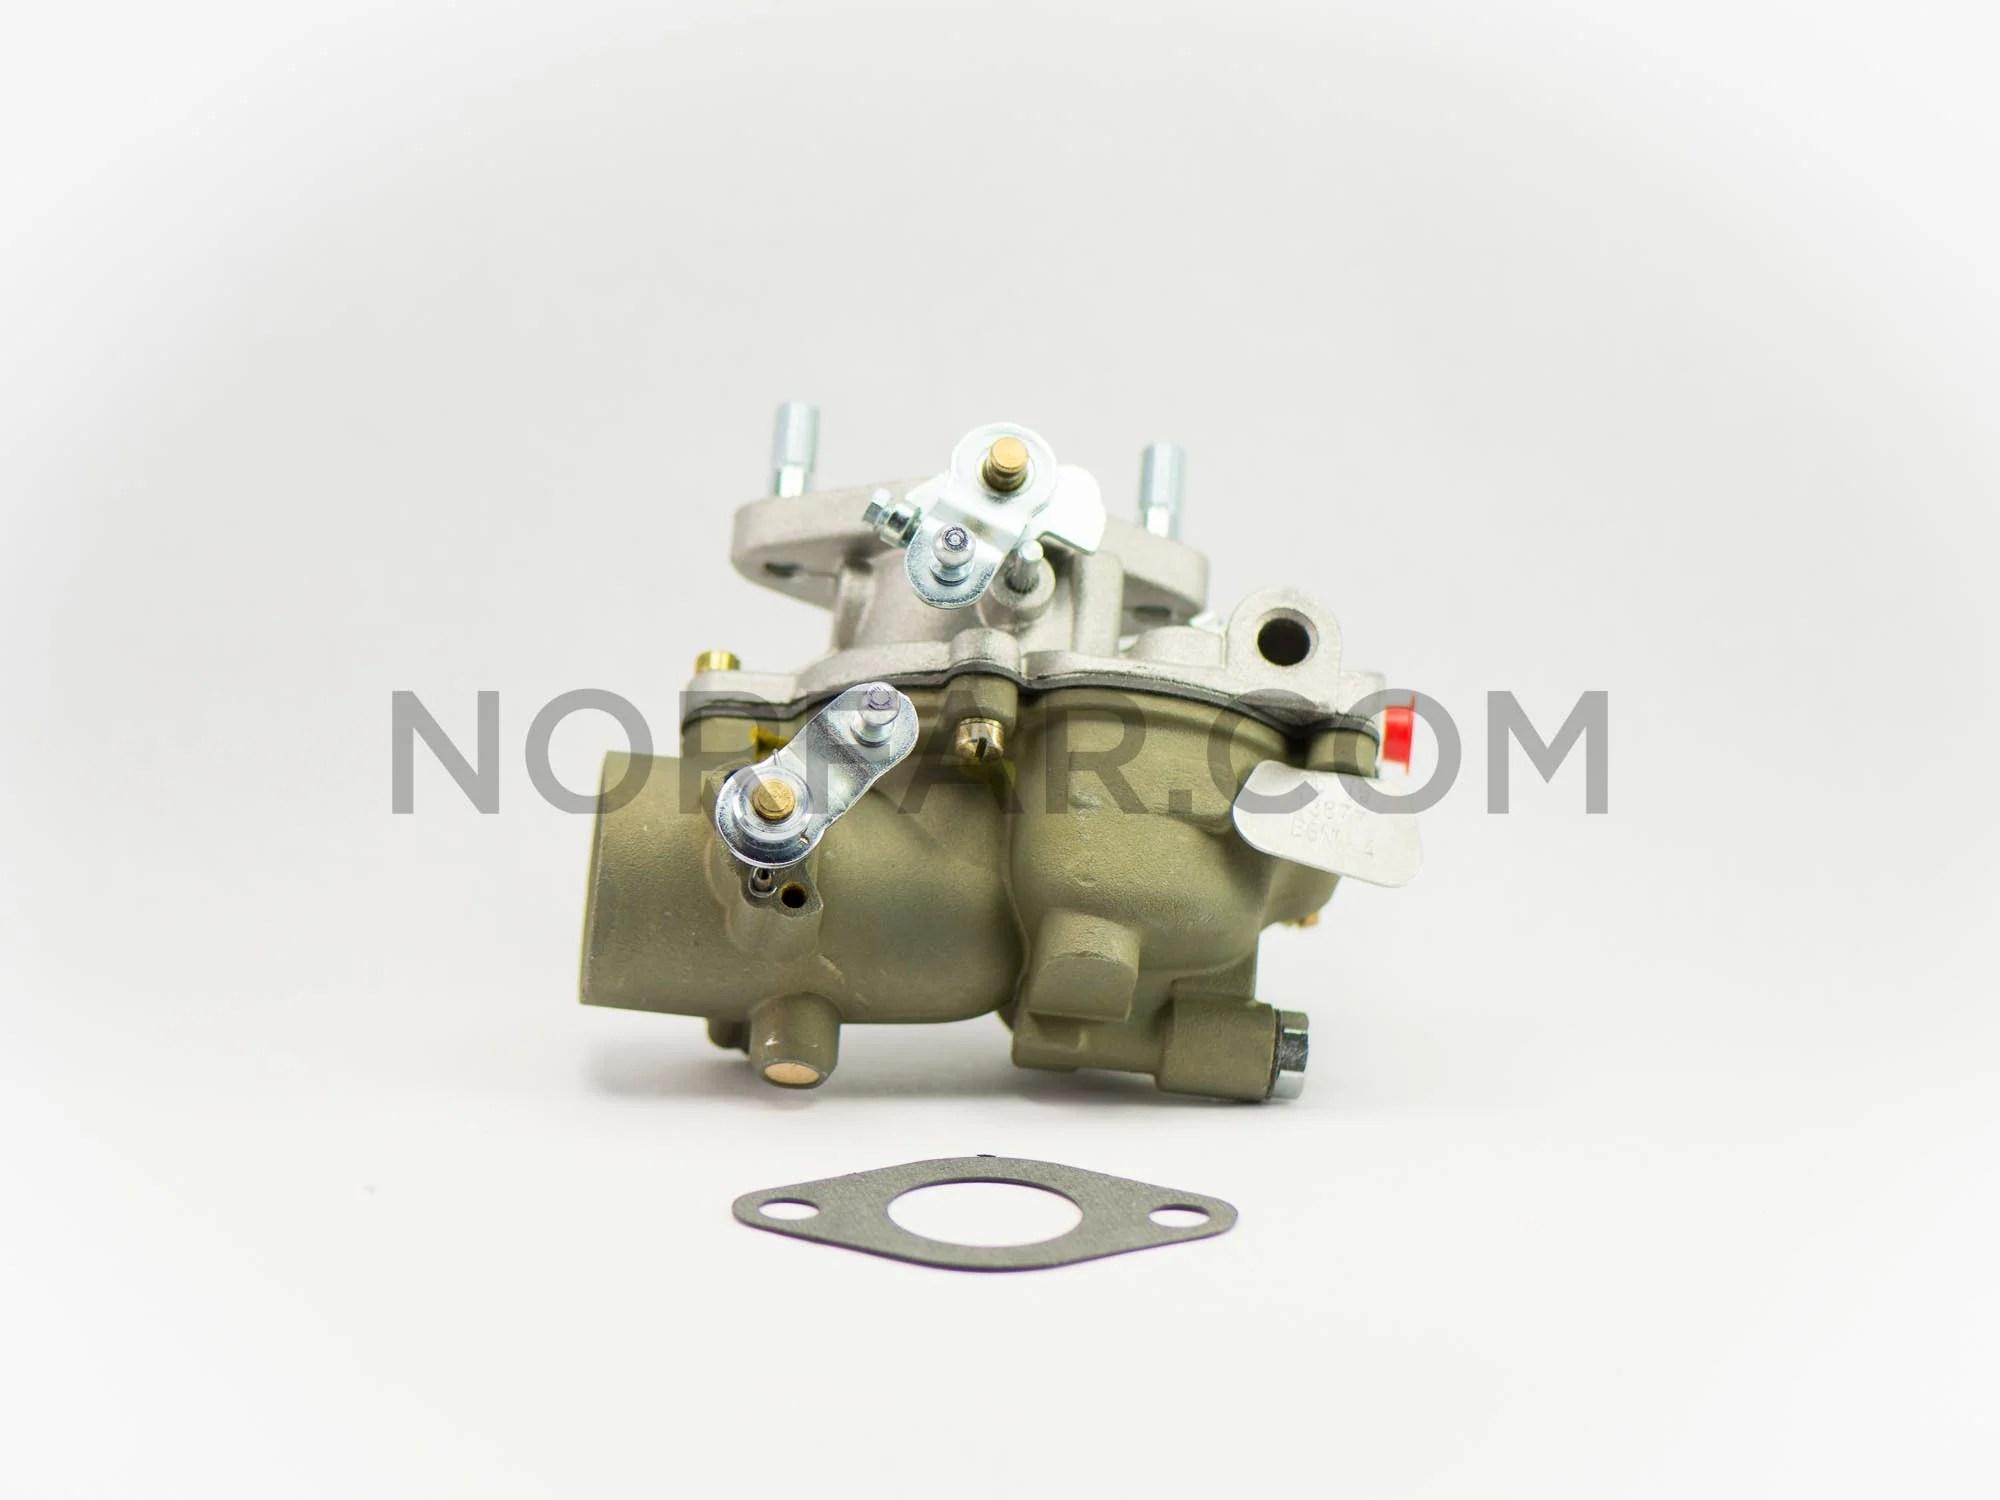 hight resolution of zenith 13877 carburetor ford b6nn9510 a norfar com farmall super h carburetor diagram zenith 13877 carburetor